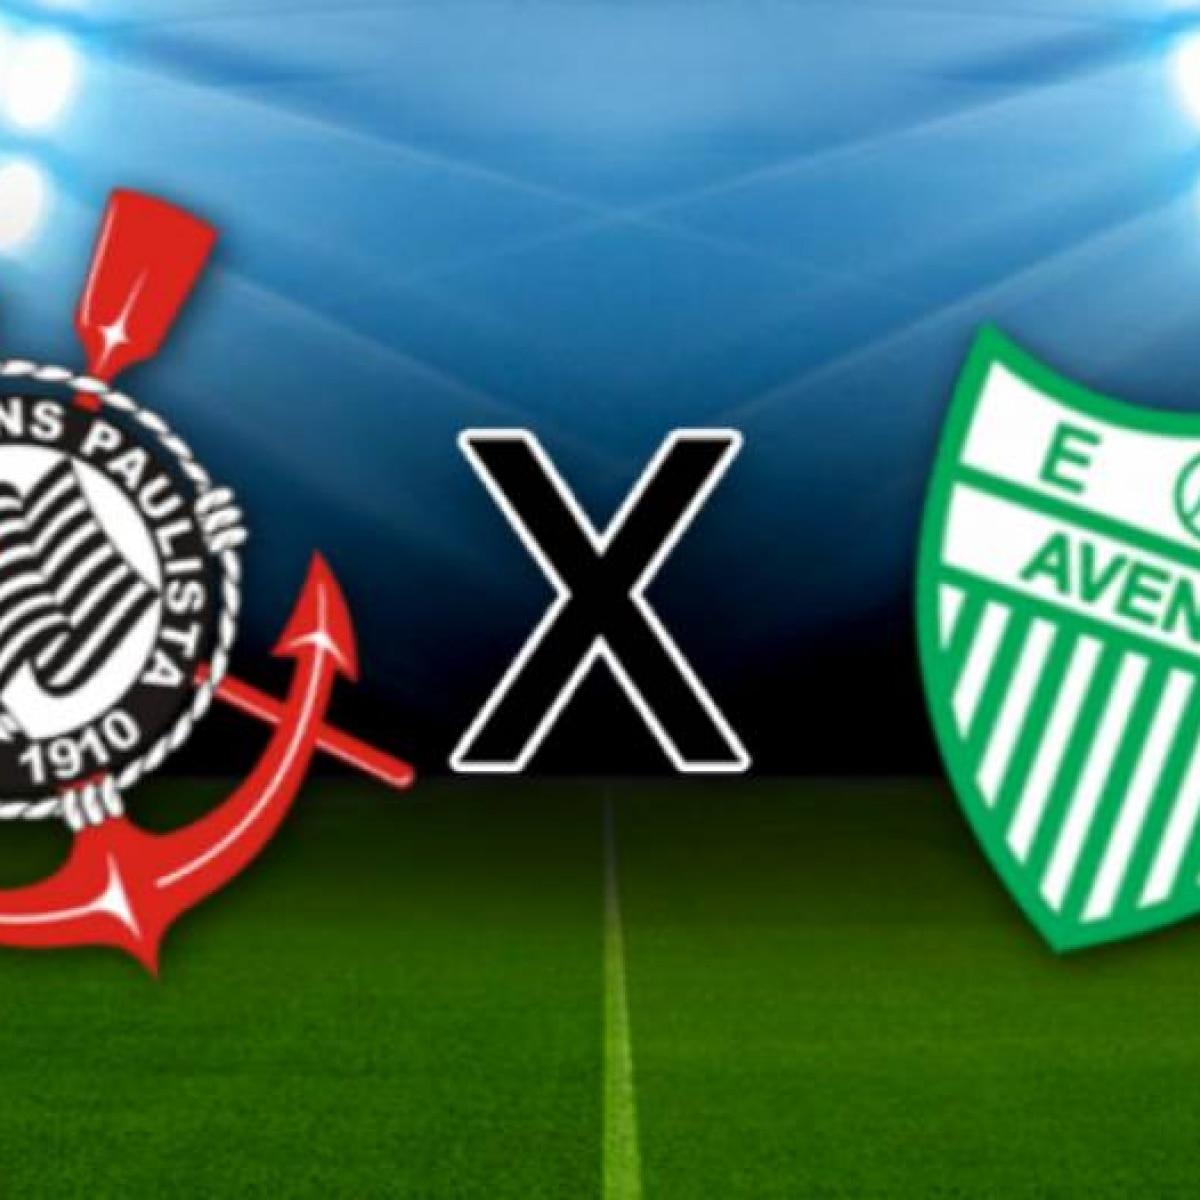 Corinthians x Avenida-RS  saiba como comprar ingressos para jogo - Futebol  - Fera 99510063387be